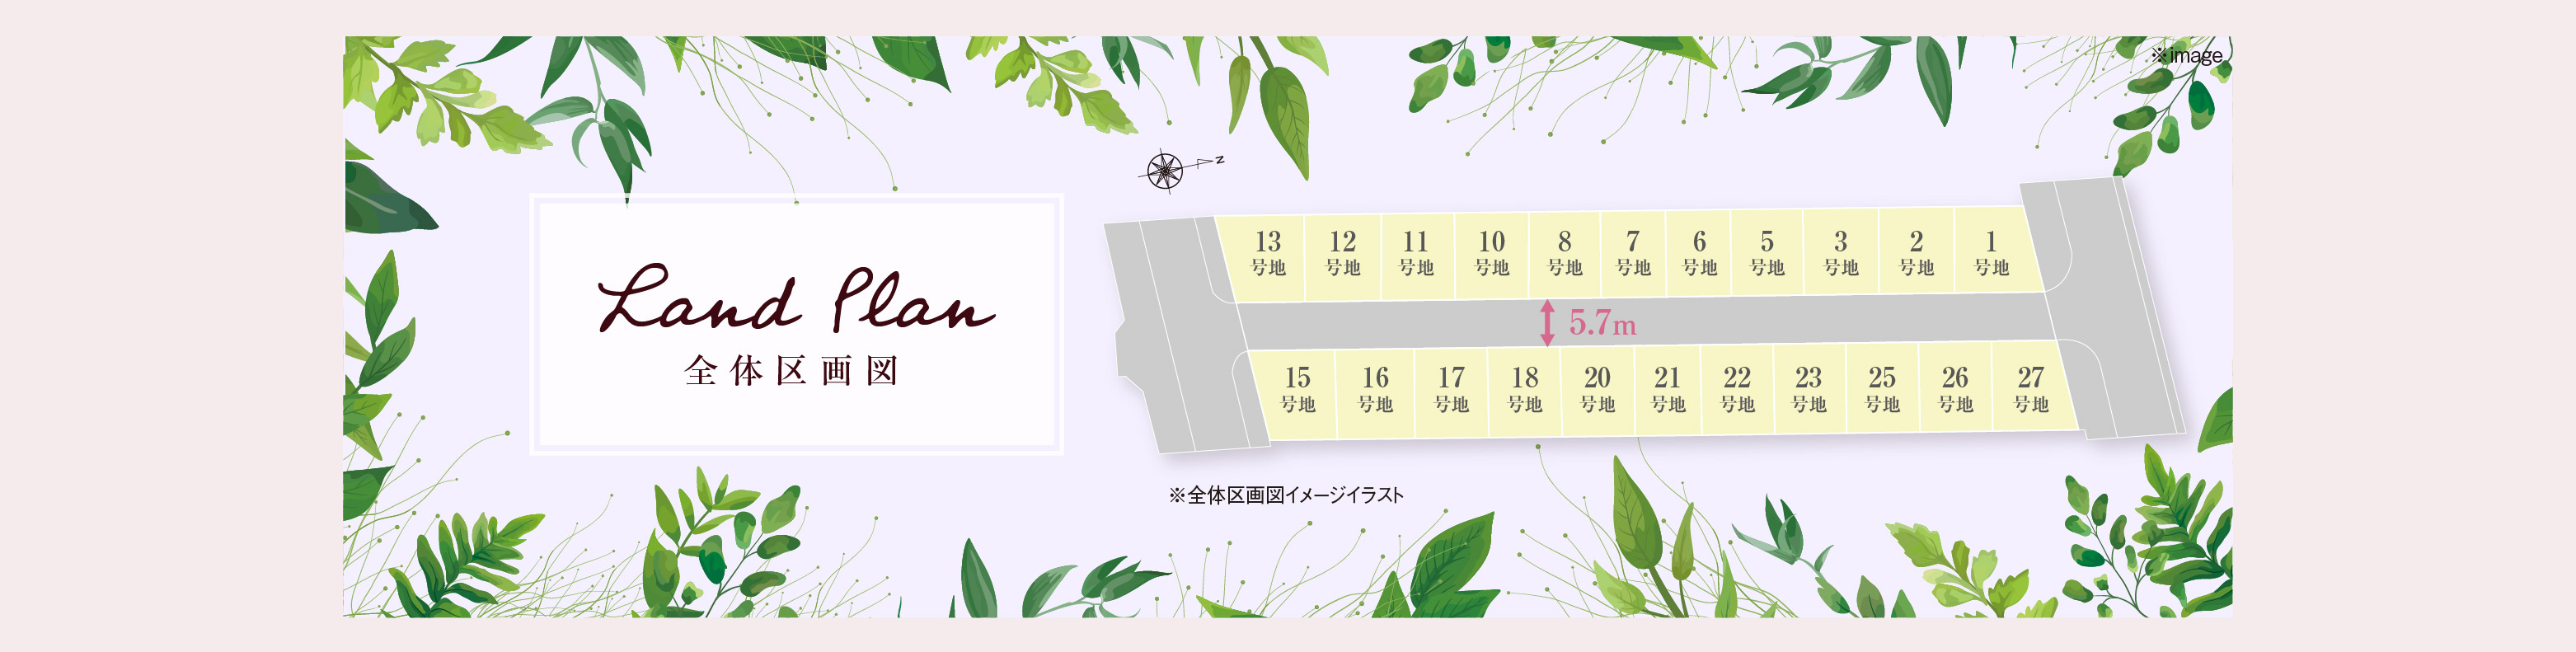 【プレミアムシーズン大東緑が丘Ⅱ】LAND PLAN